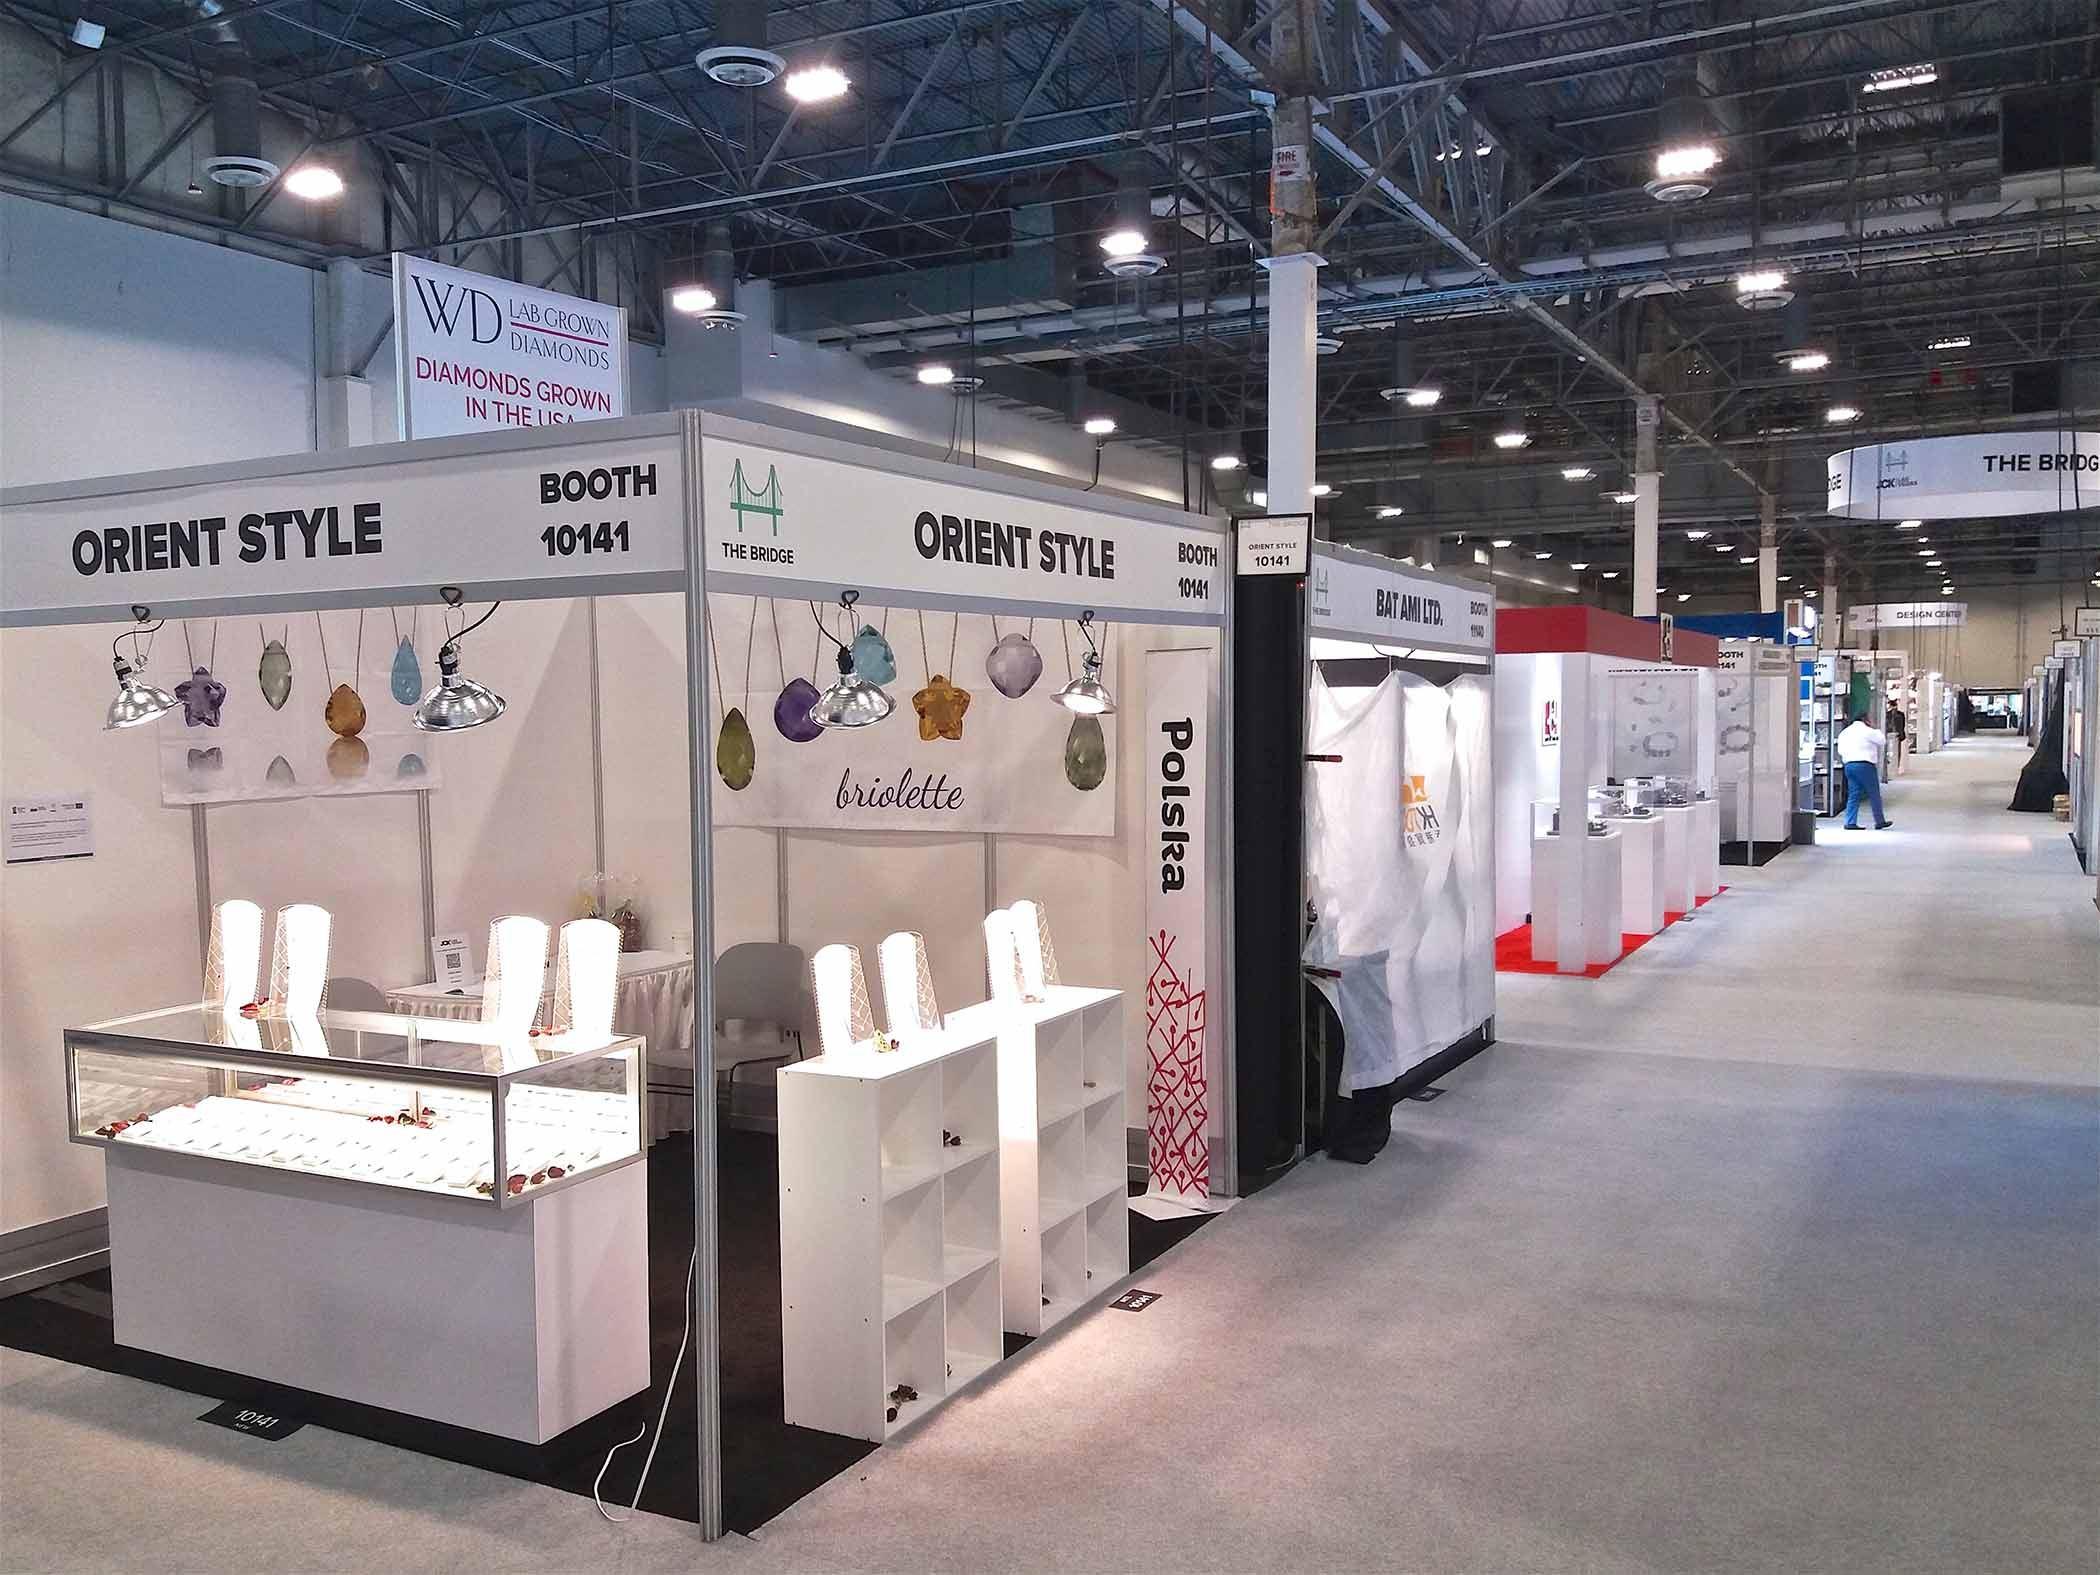 Orient Style - promocja produktów branży jubilerskiej za granicą